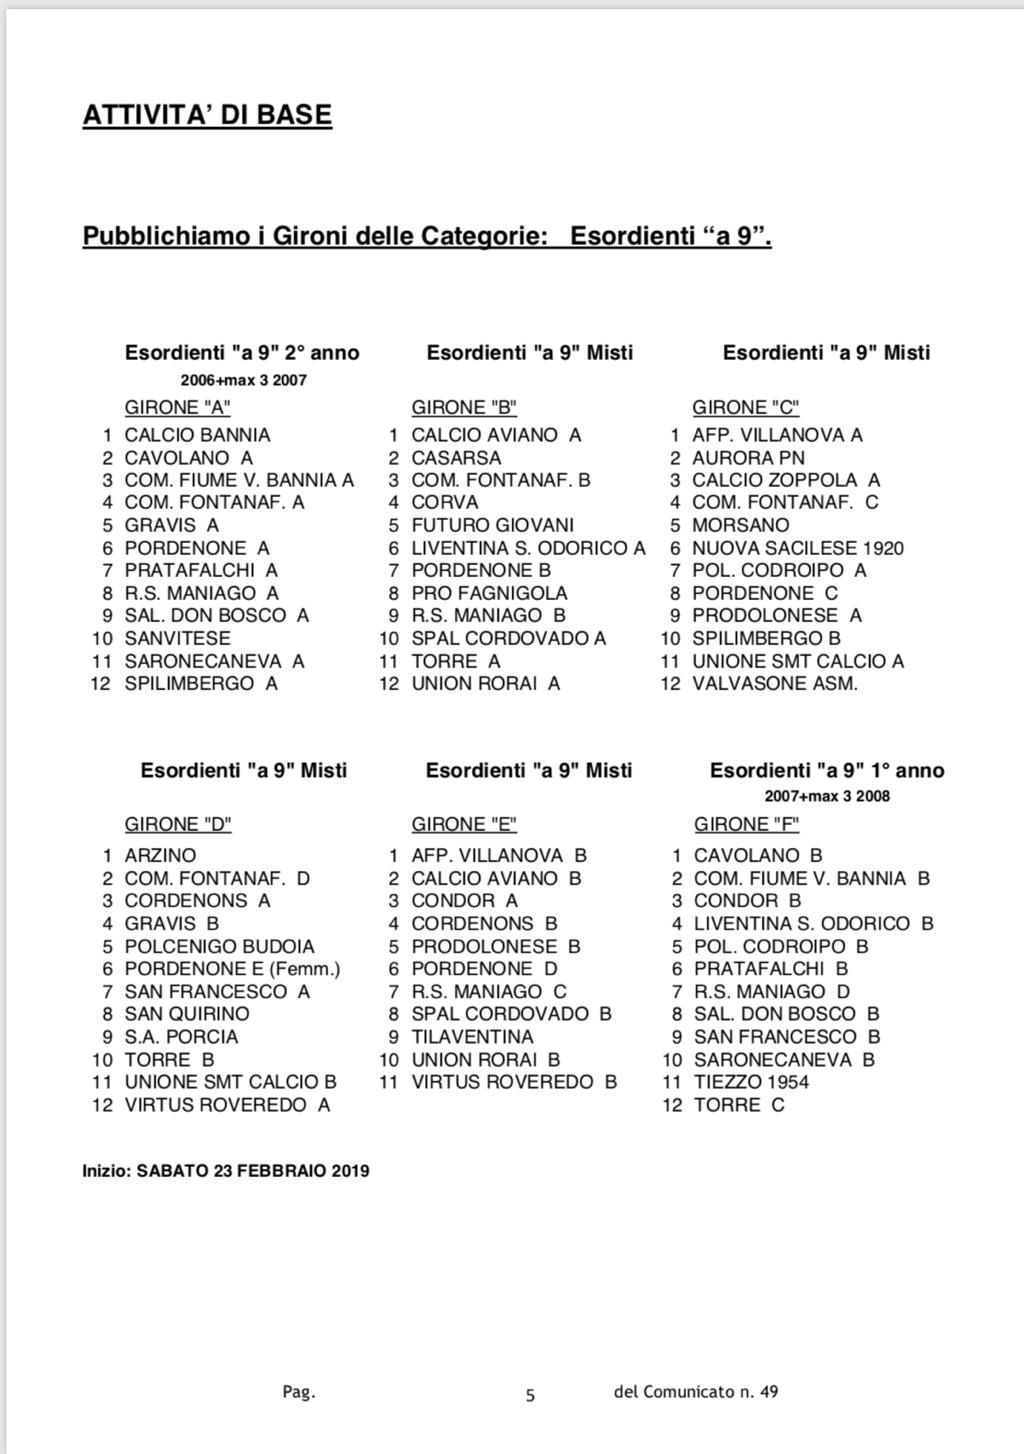 Calendario Pordenone Calcio.Calendario Eventi Asd Calcio Bannia